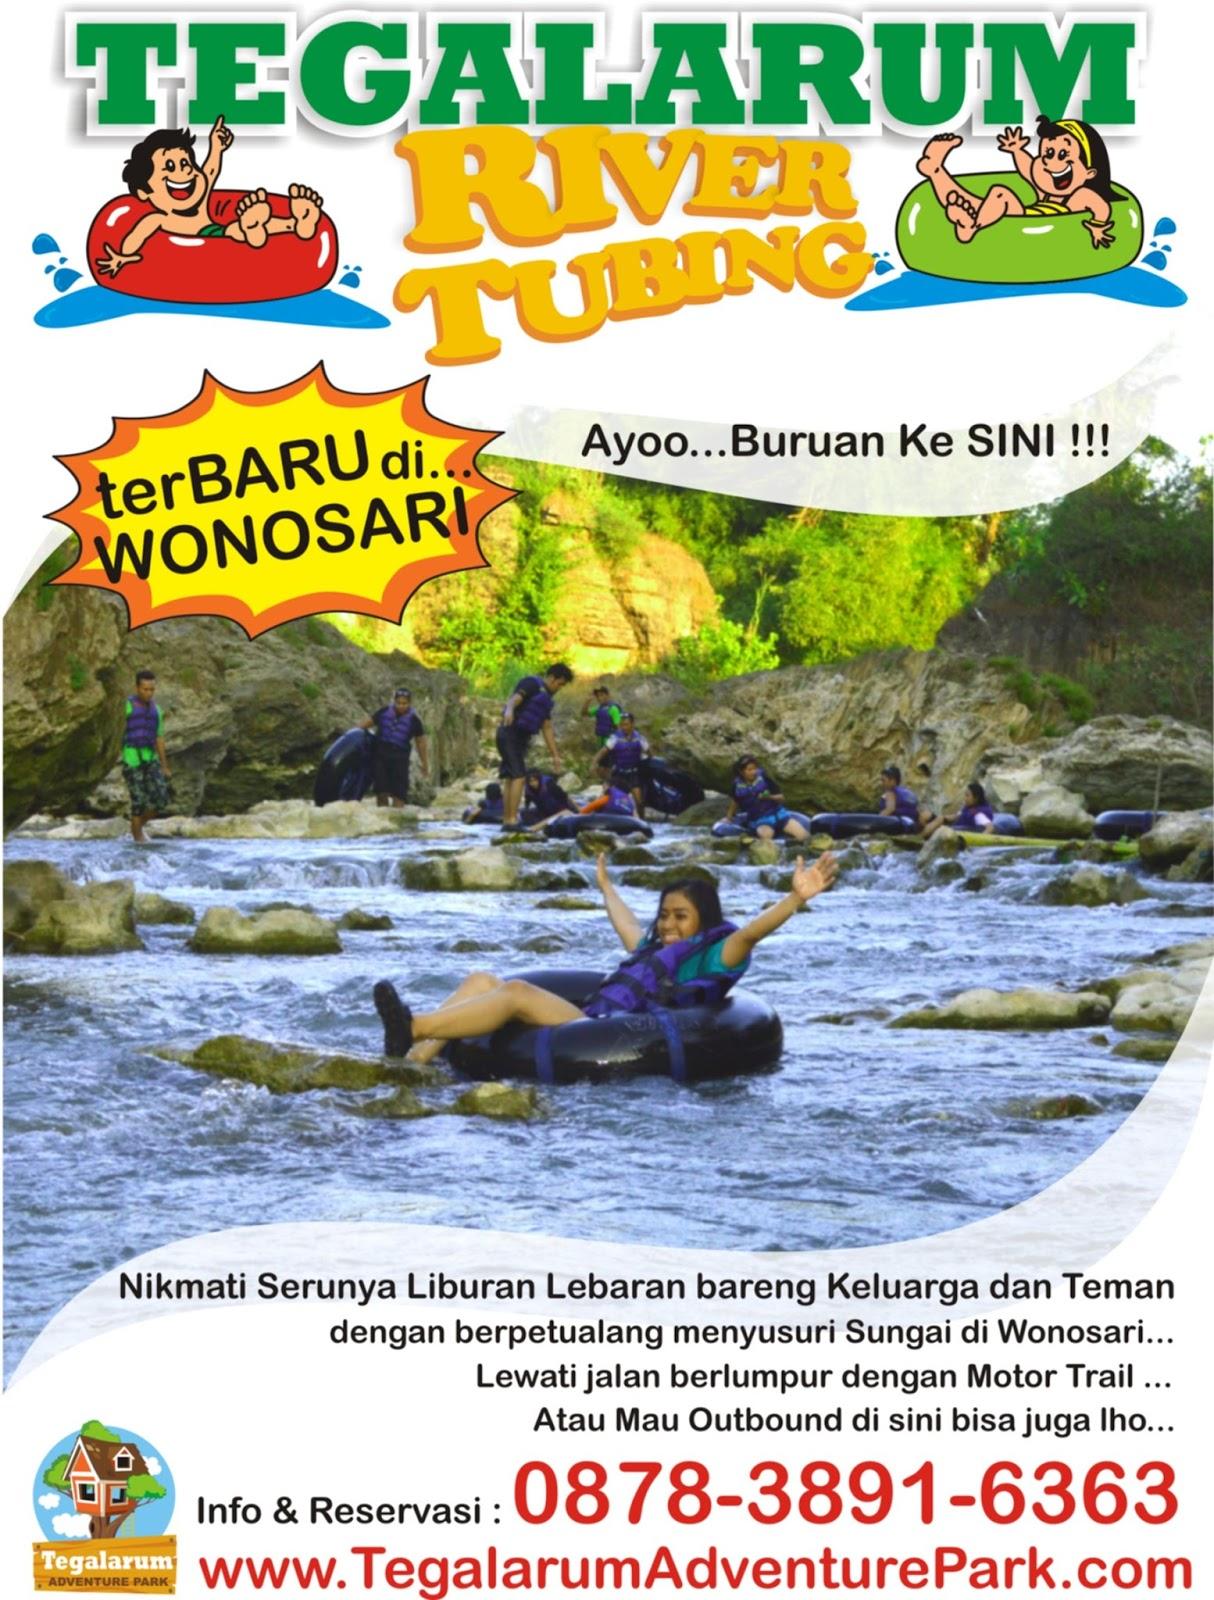 Tegalarum River Tubing Wisata Wonosari Adventure Park Gambar Kab Gunungkidul